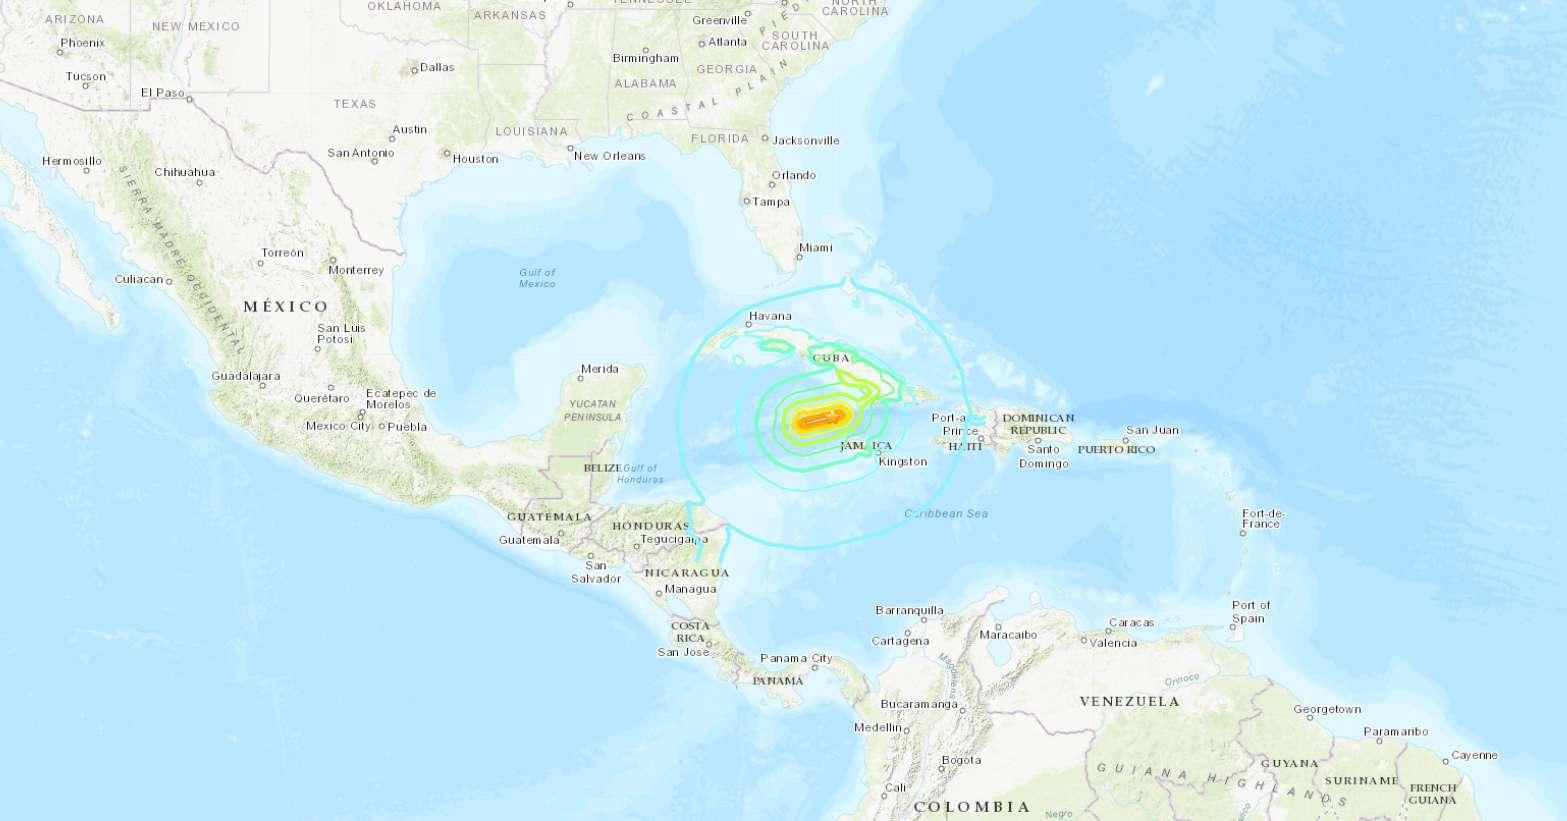 L'épicentre du séisme se trouve dans la Mer des Caraïbes, entre la Jamaïque et Cuba. © US Geological Survey